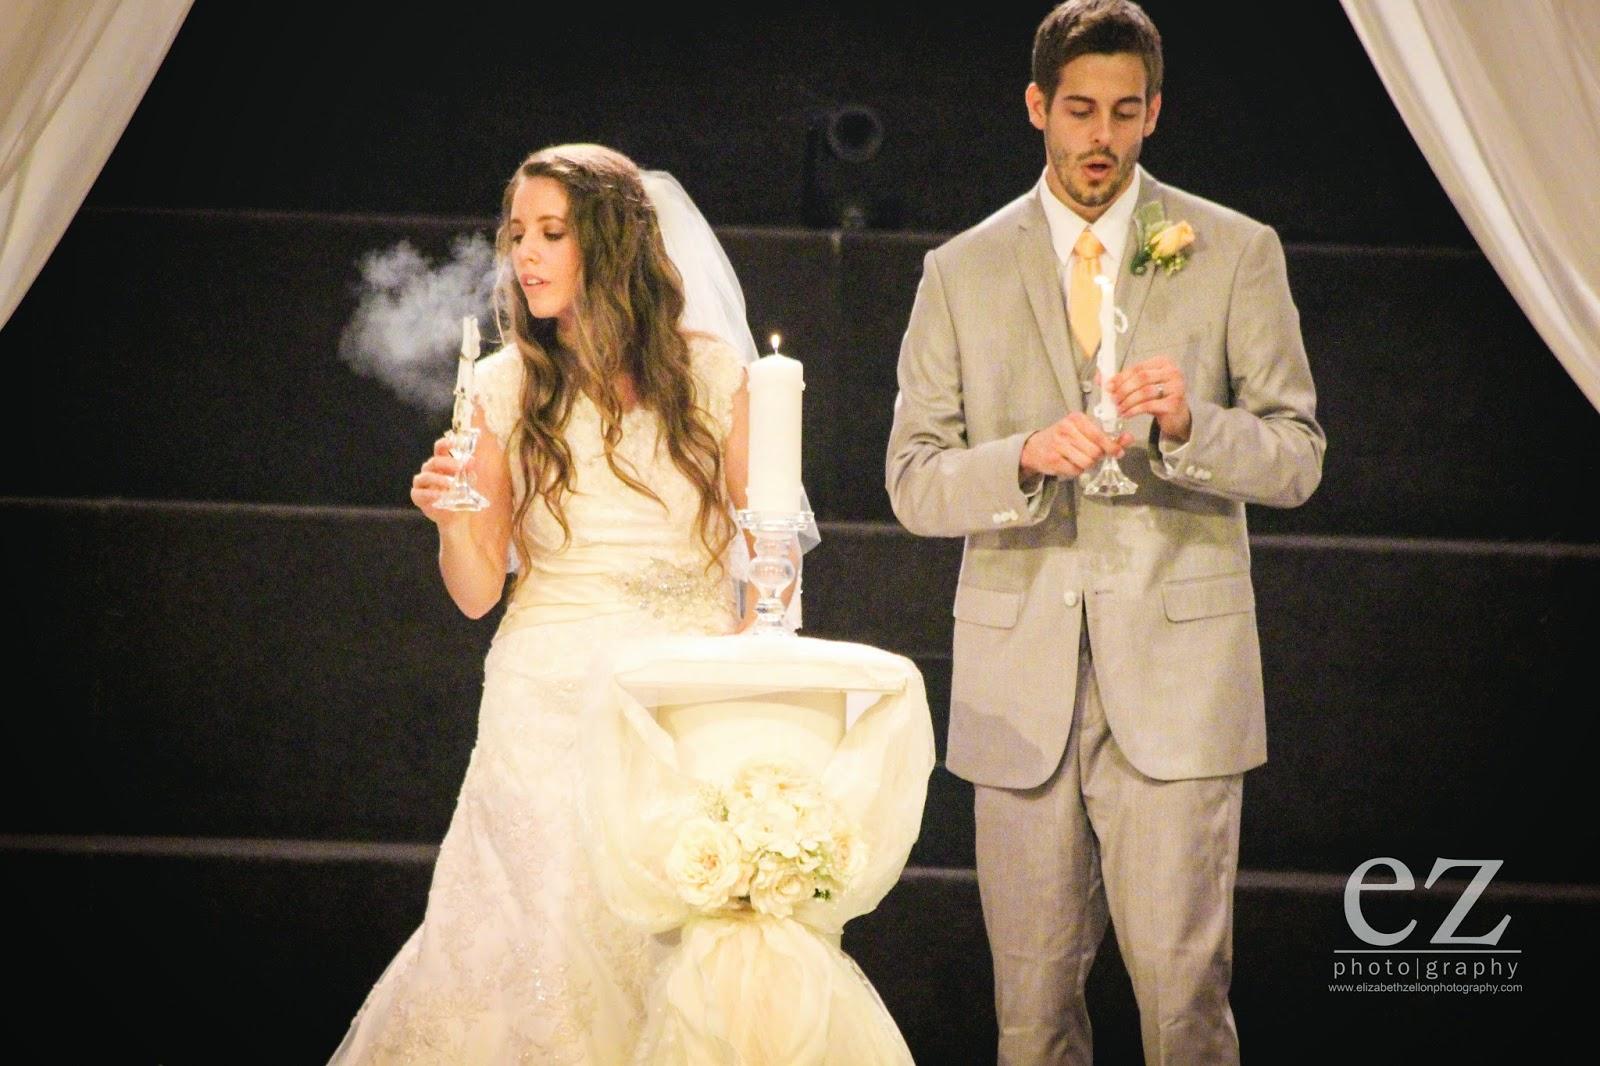 Jinger jill wedding